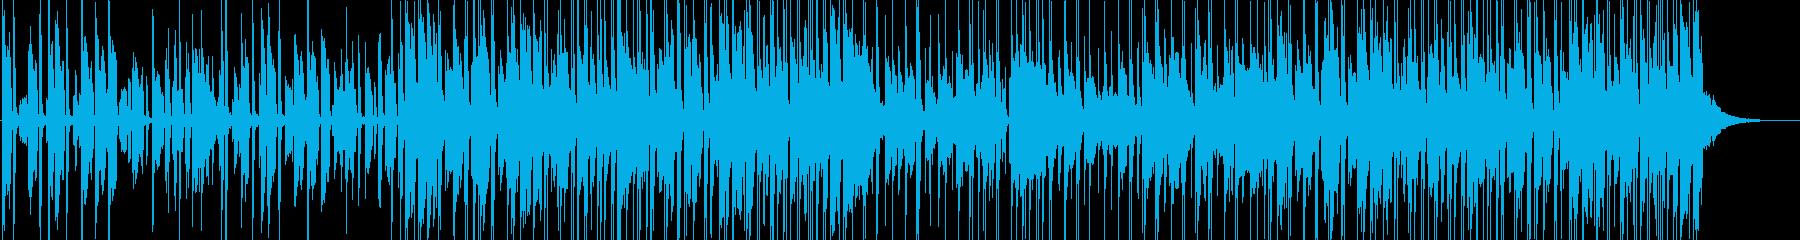 Lo-Fi、エレピのジャズ・ファンクの再生済みの波形